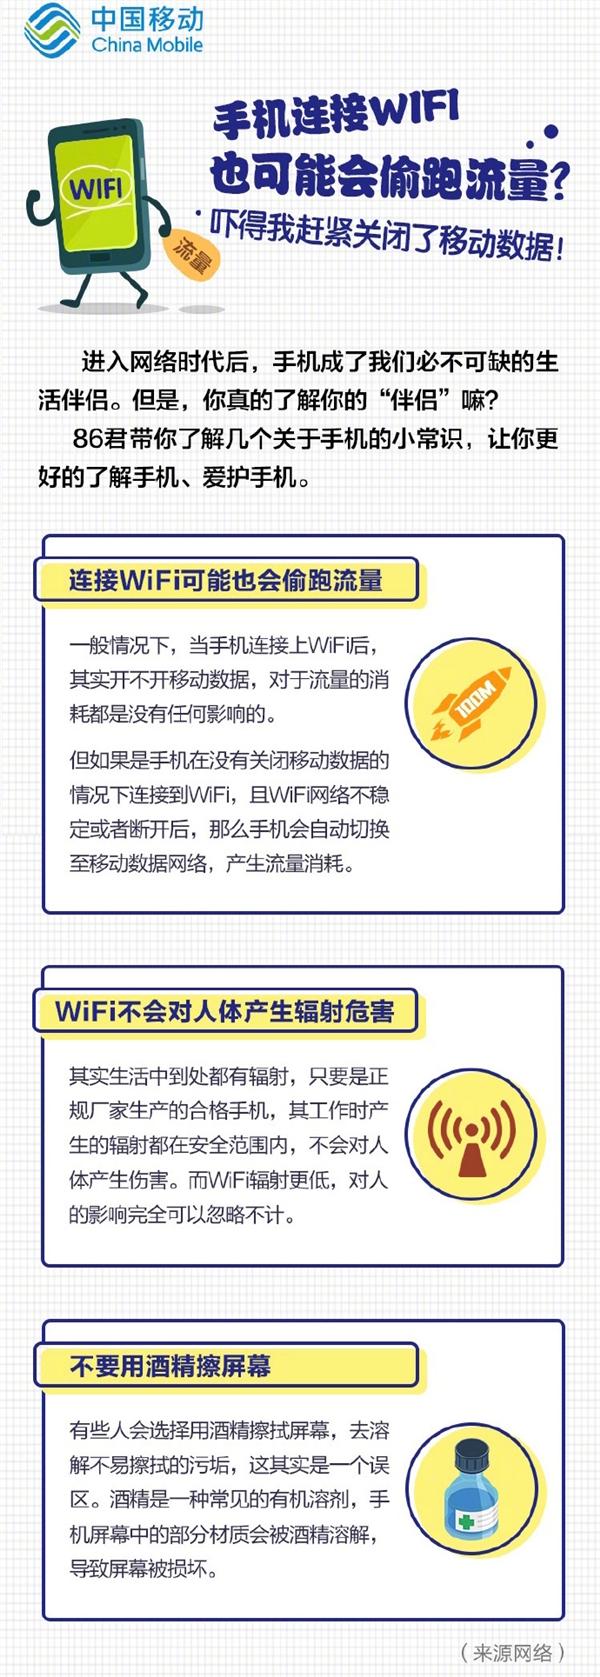 手机连Wi-Fi也会偷跑流量?运营商解答的照片 - 2